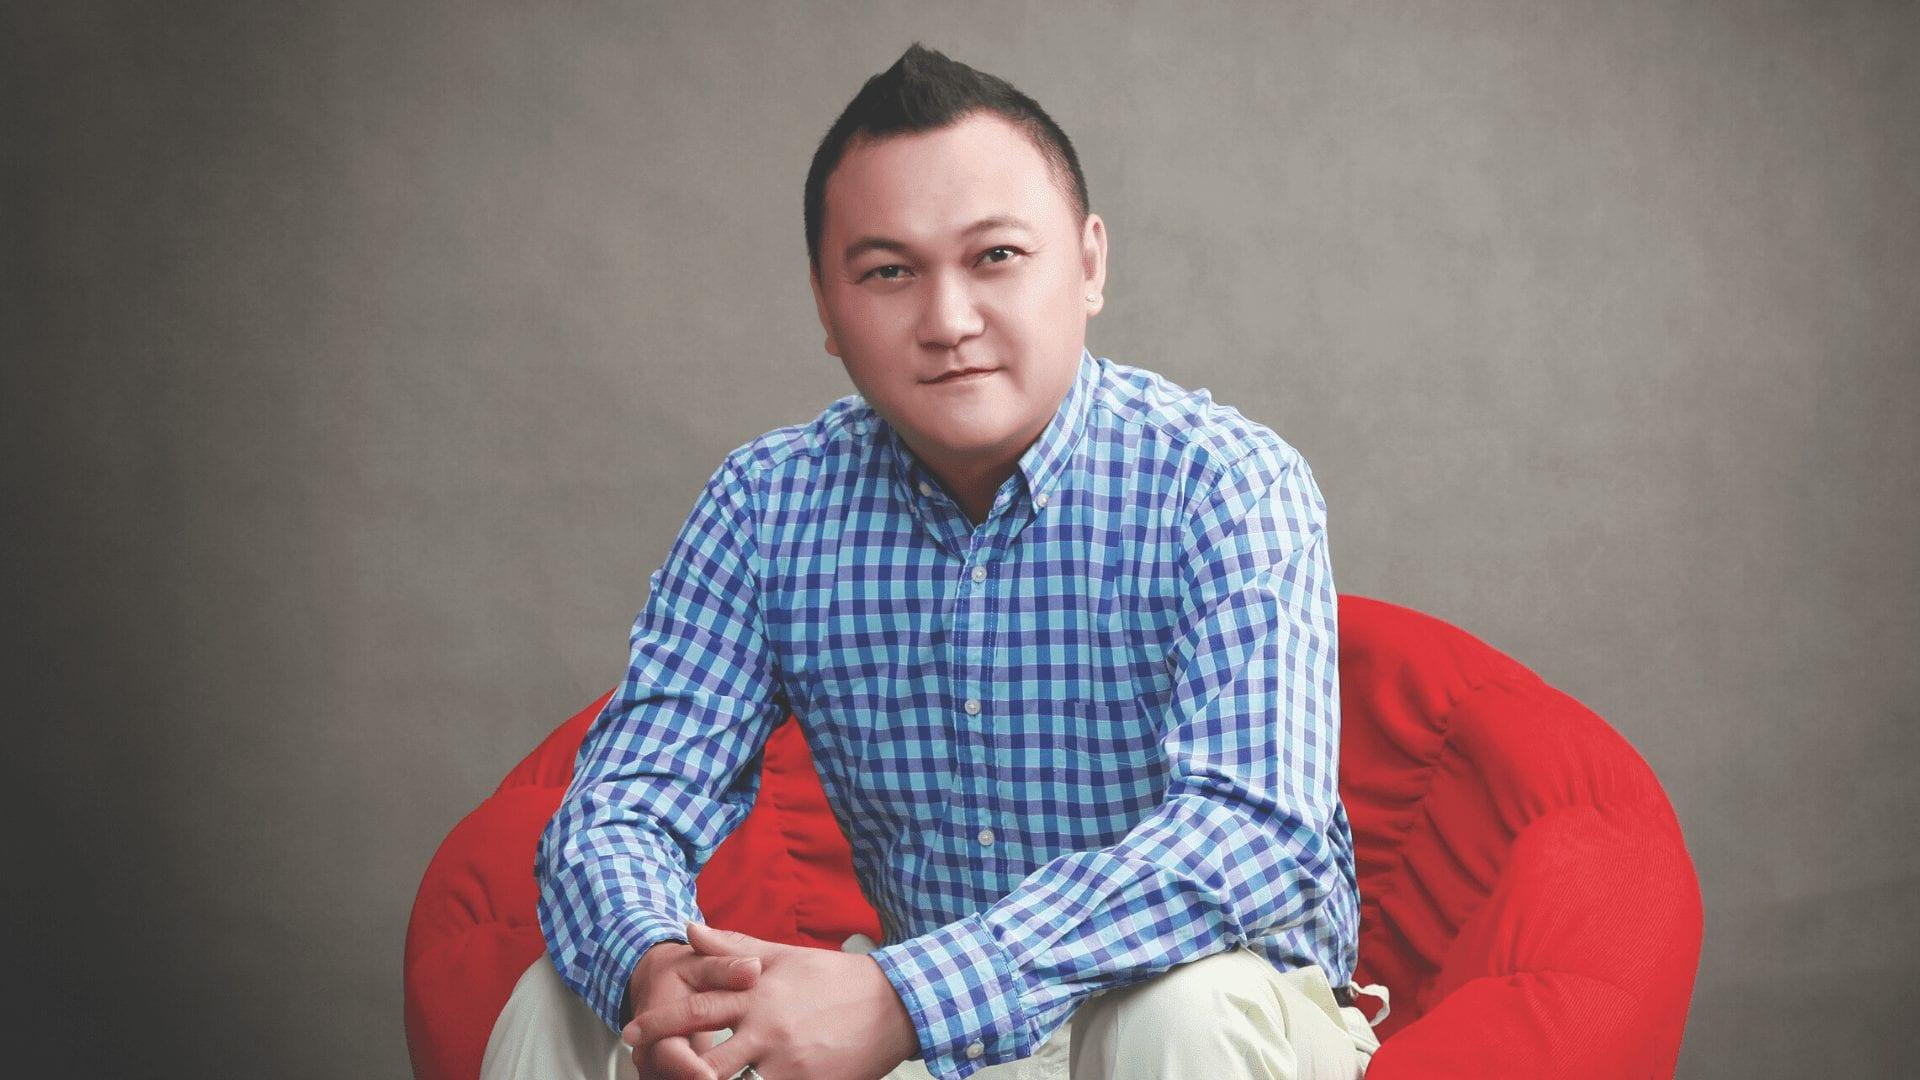 Dato' Tony Looi Chee Hong